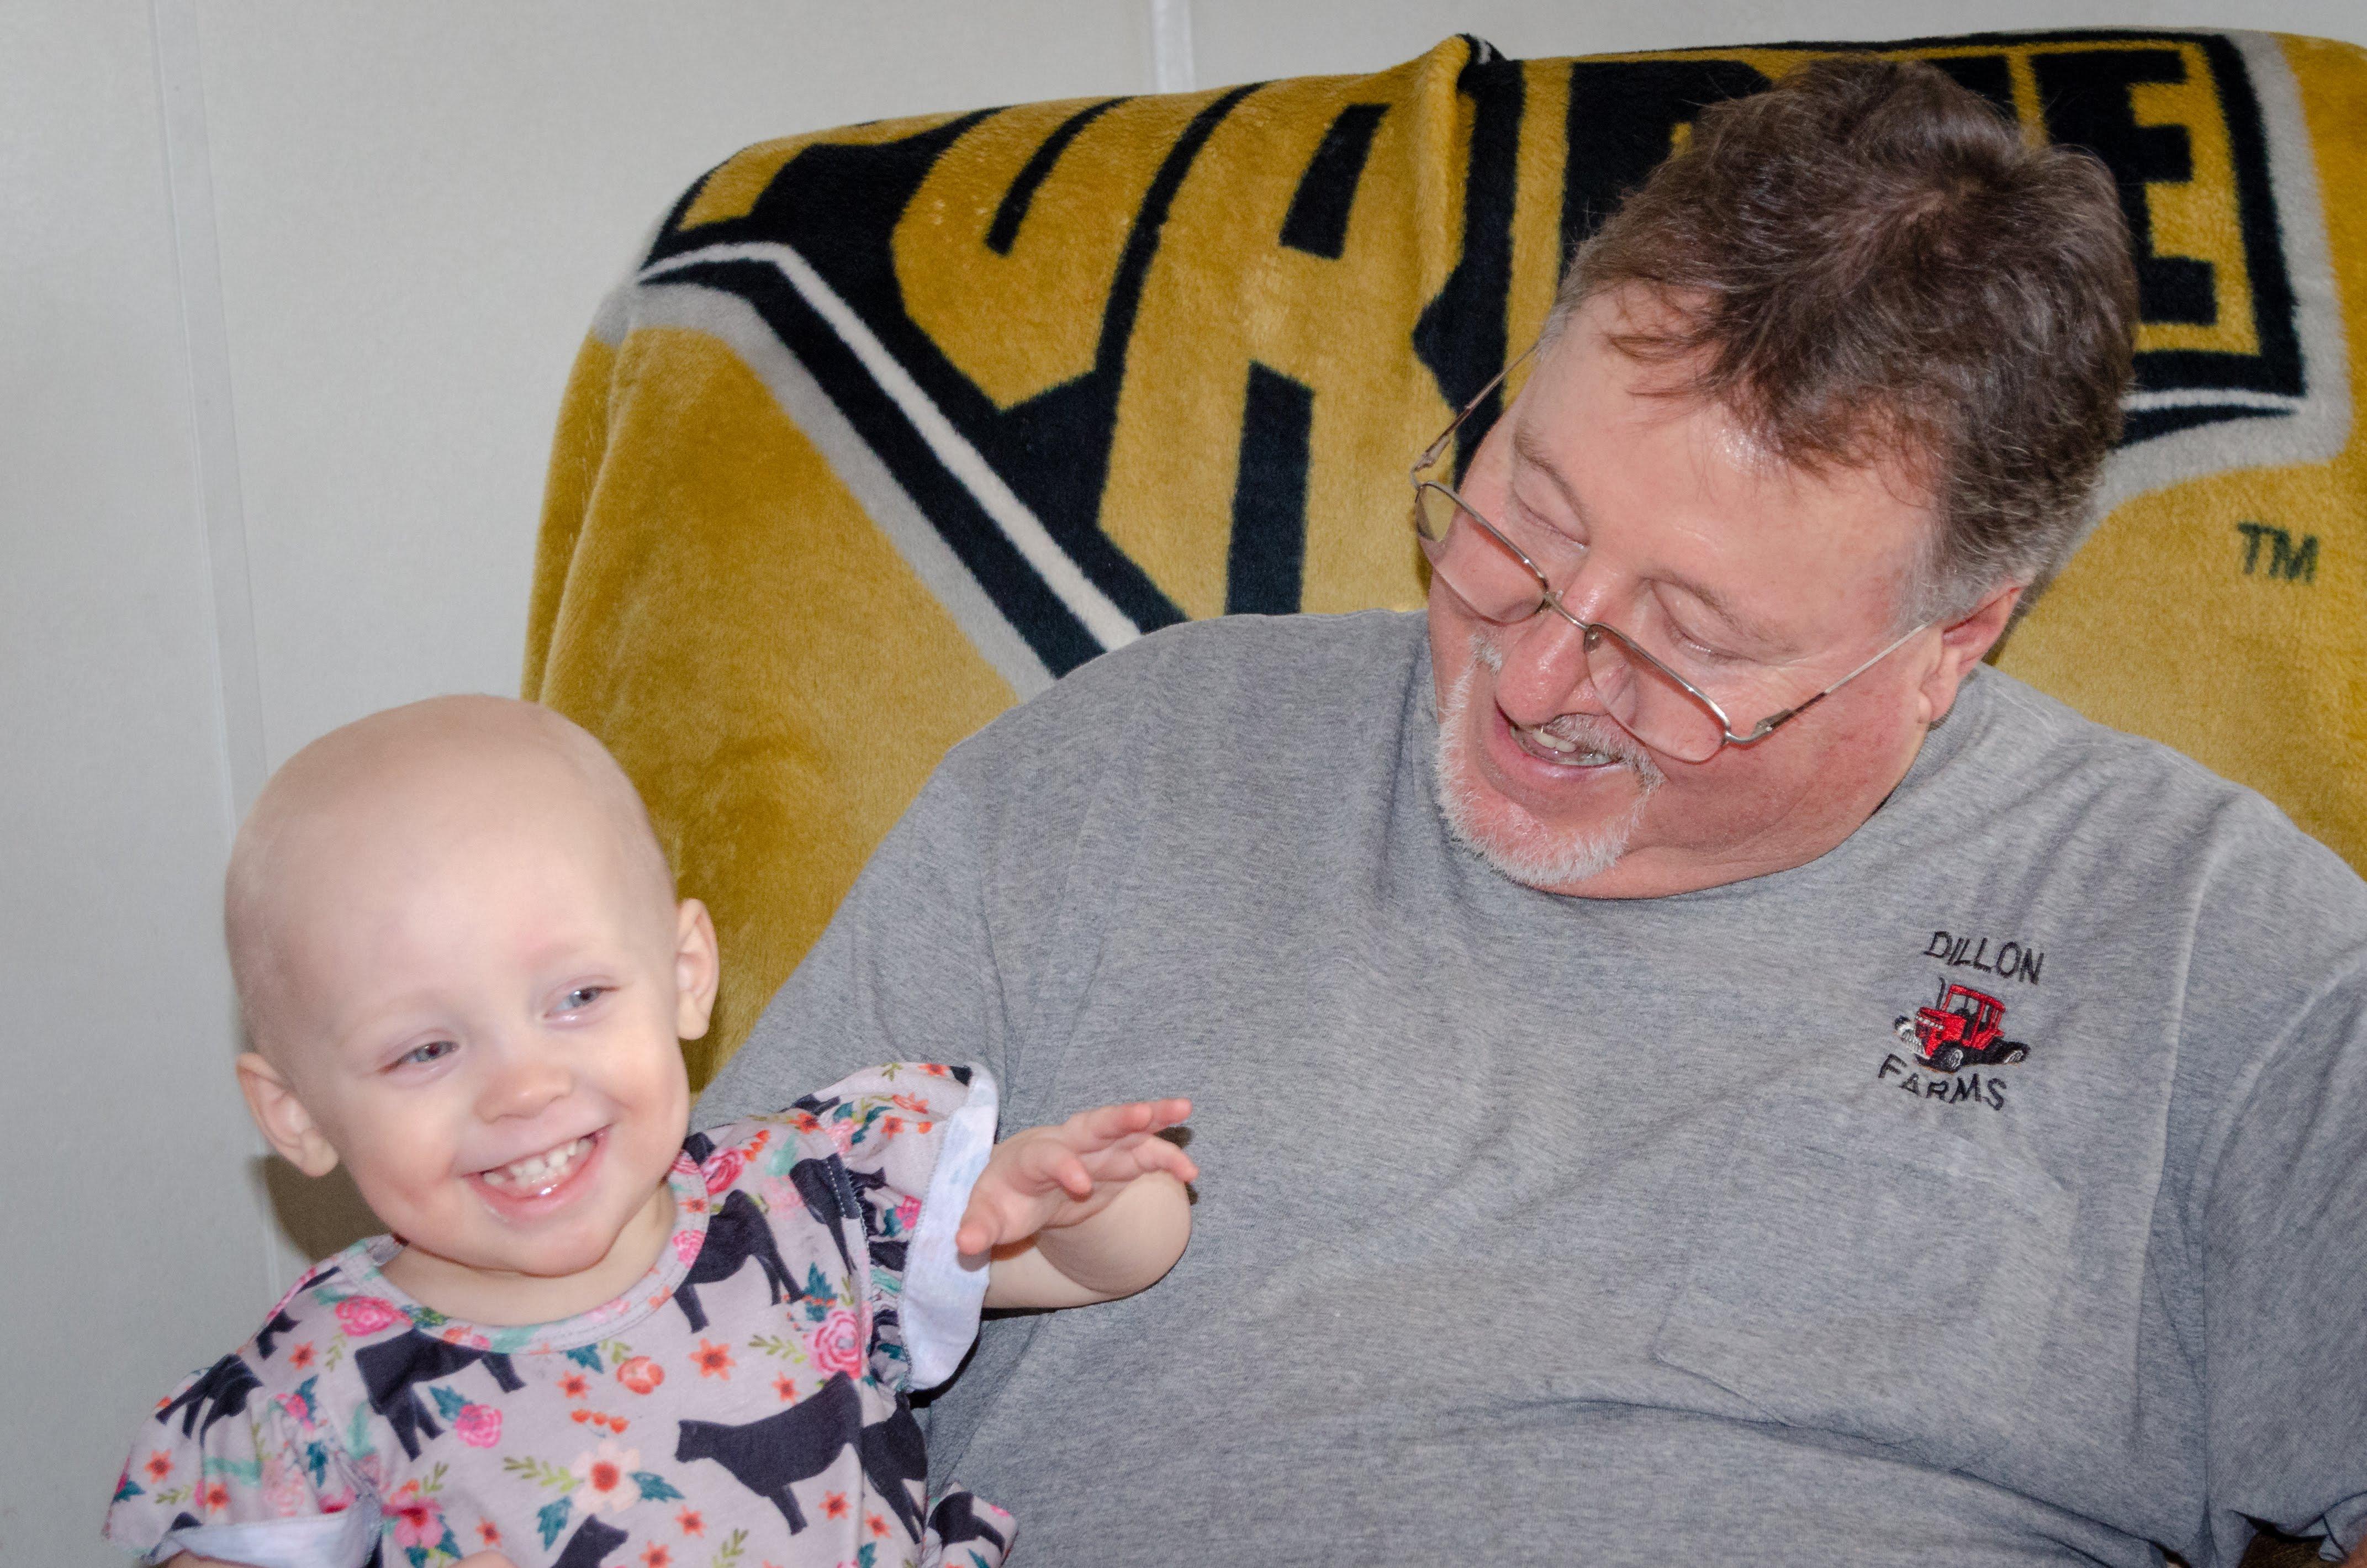 Milli & Grandpa Dillon